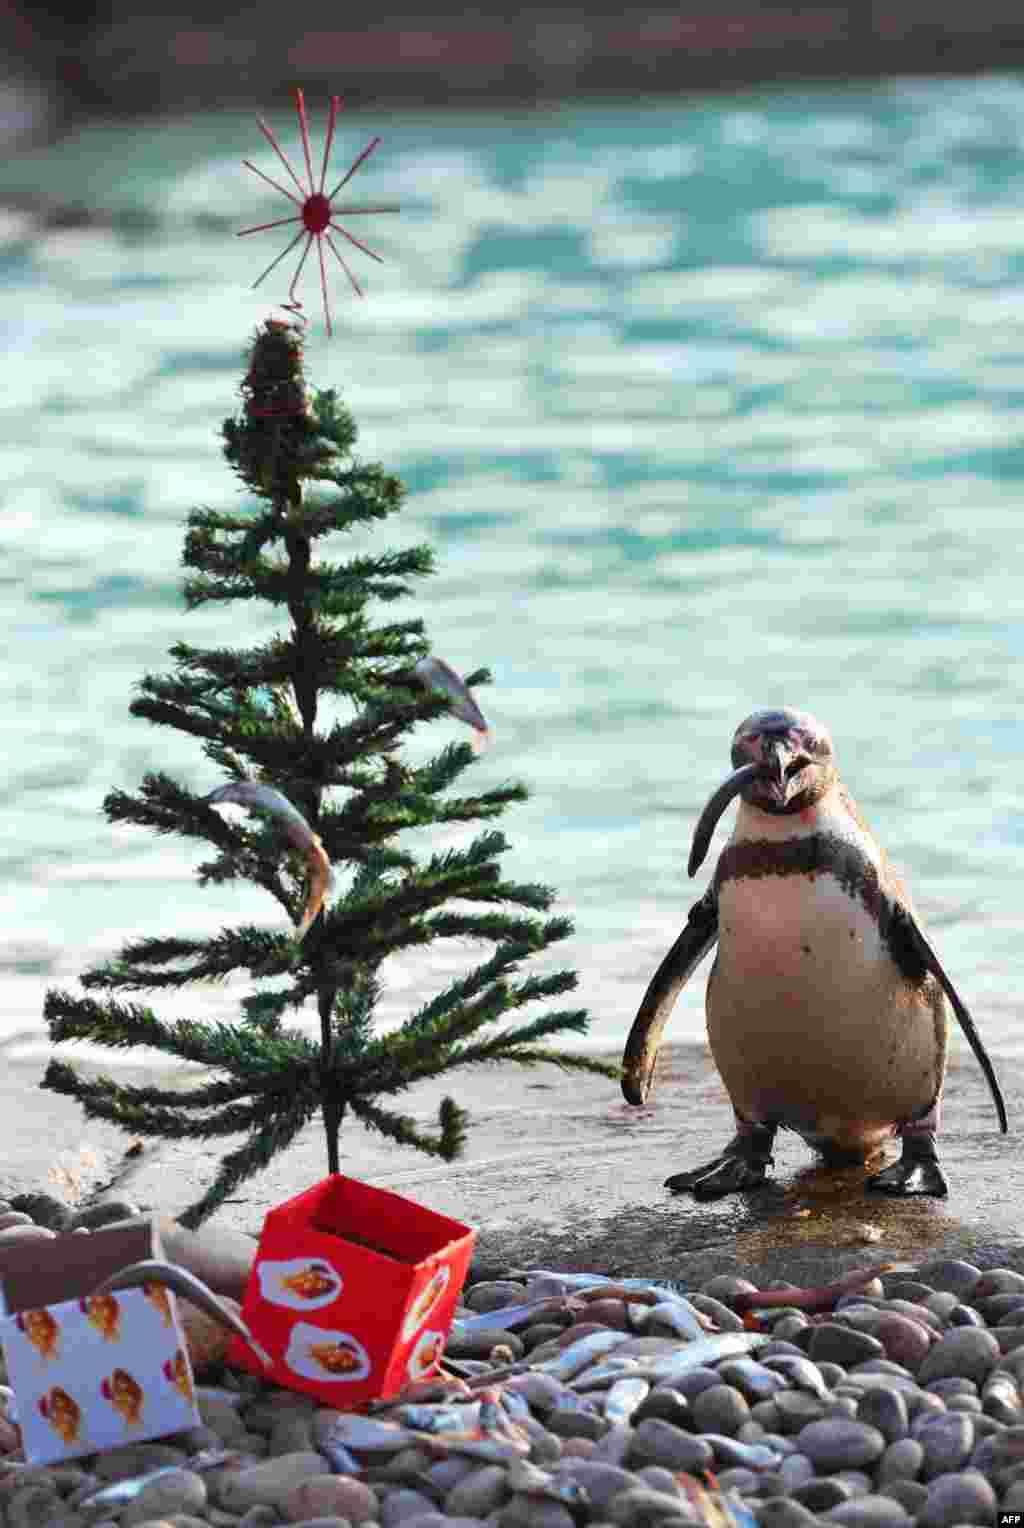 Acest pinguin de la Zoo din Londra a găsit sub brad, cum era de așteptat, niște pește.